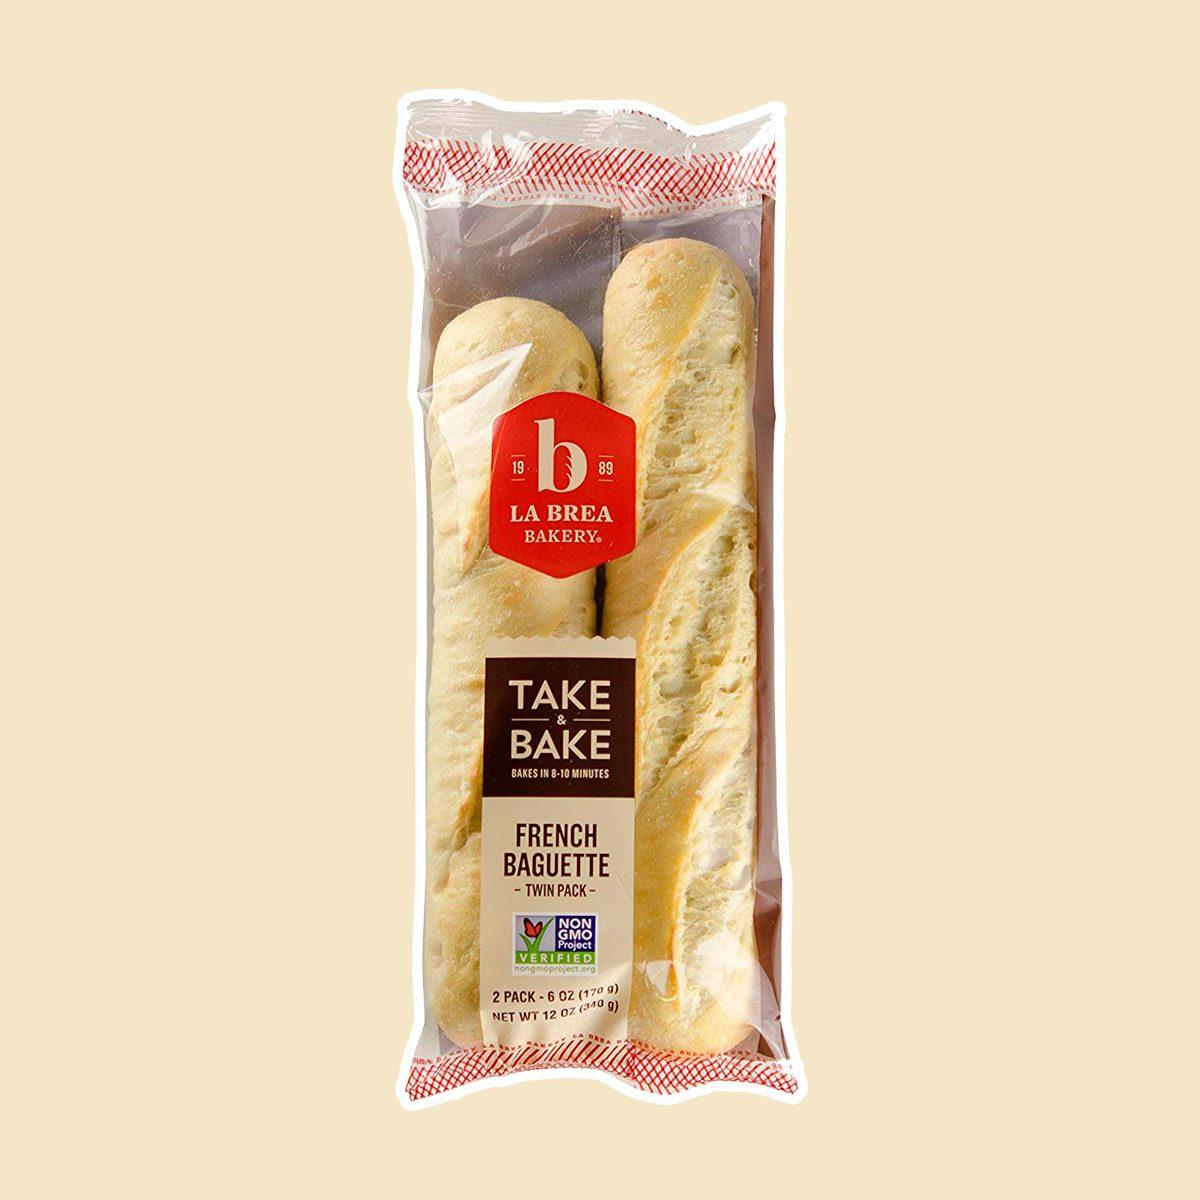 La Brea Bakery's French Baguette